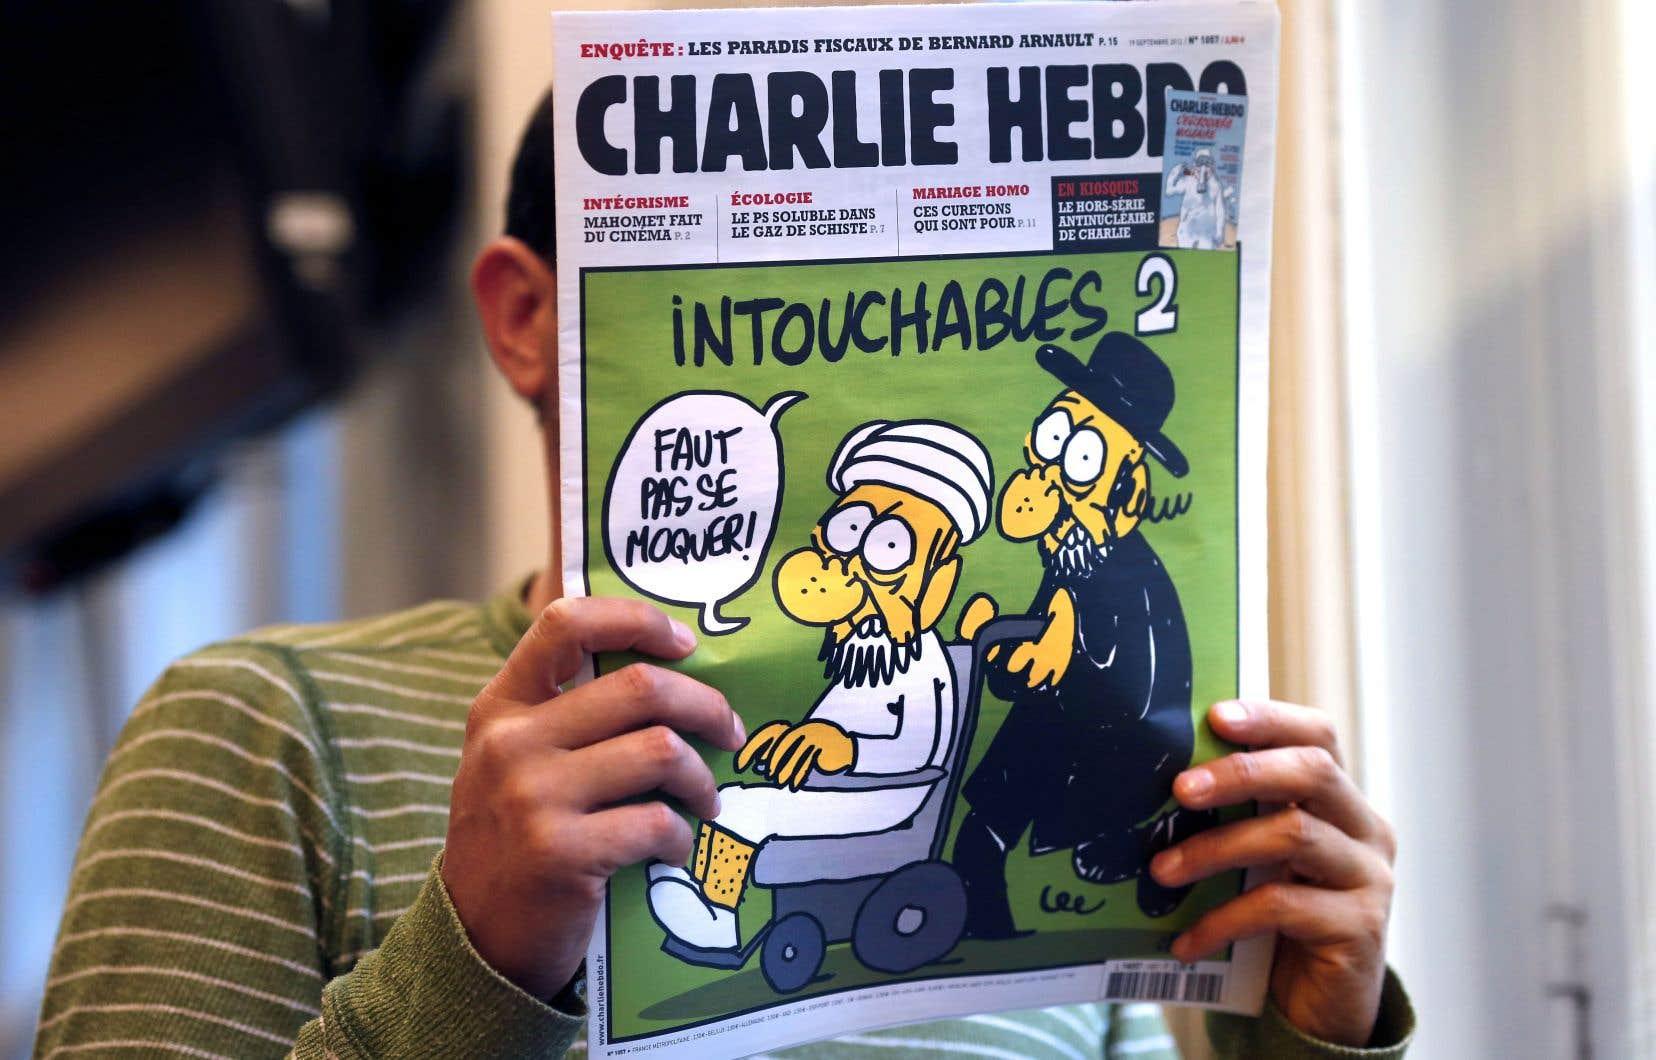 La publication de caricatures de Mahomet dans l'hebdomadaire satirique français Charlie Hebdo a été payée au prix fort il y a 5ans avec une attaque qui a fait 12 morts.